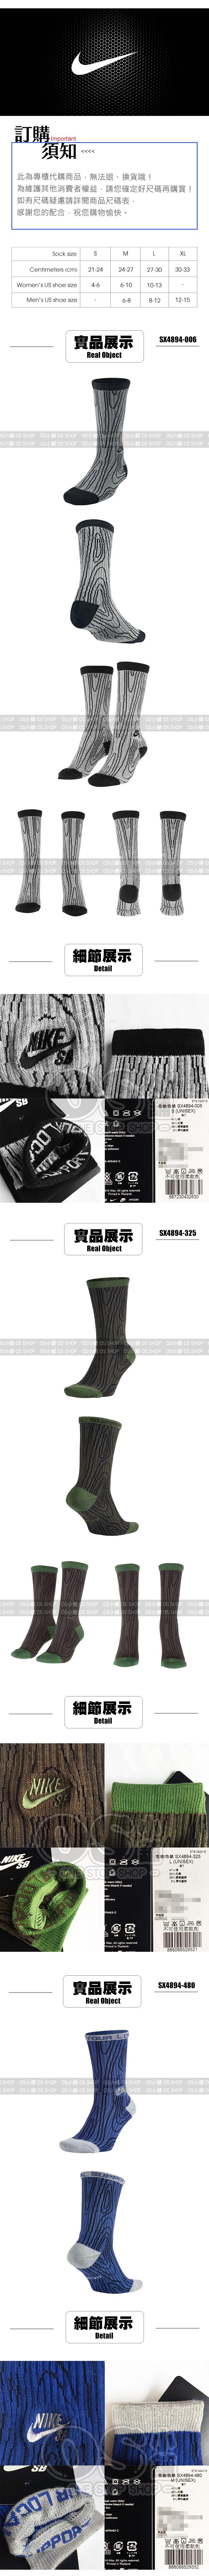 襪SX4894長條+